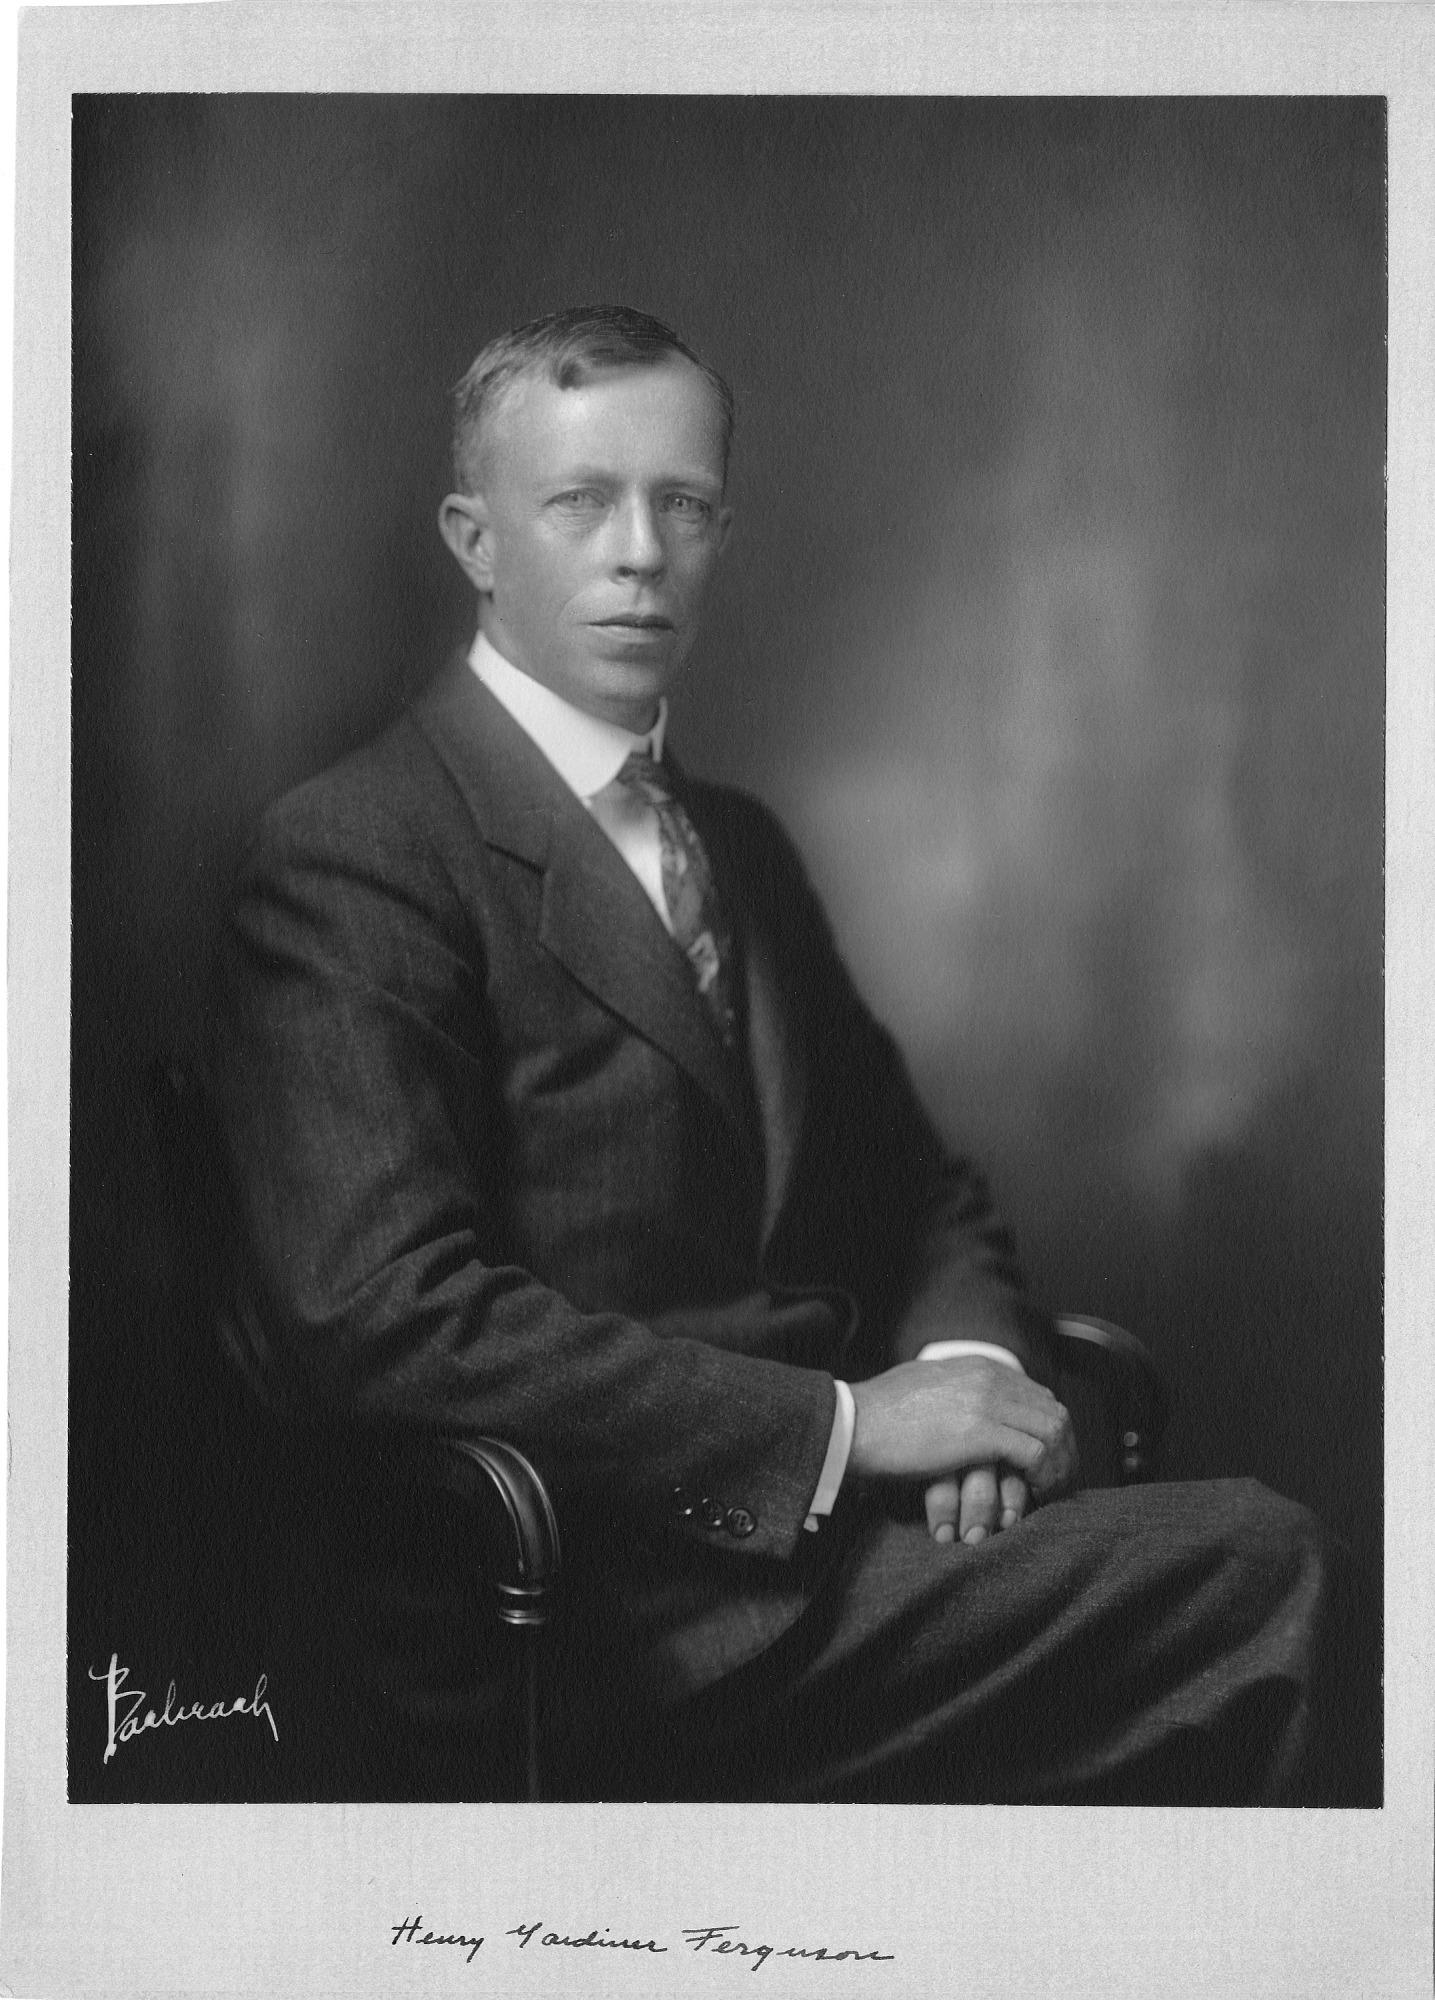 Henry Gardiner Ferguson (1882-1966)